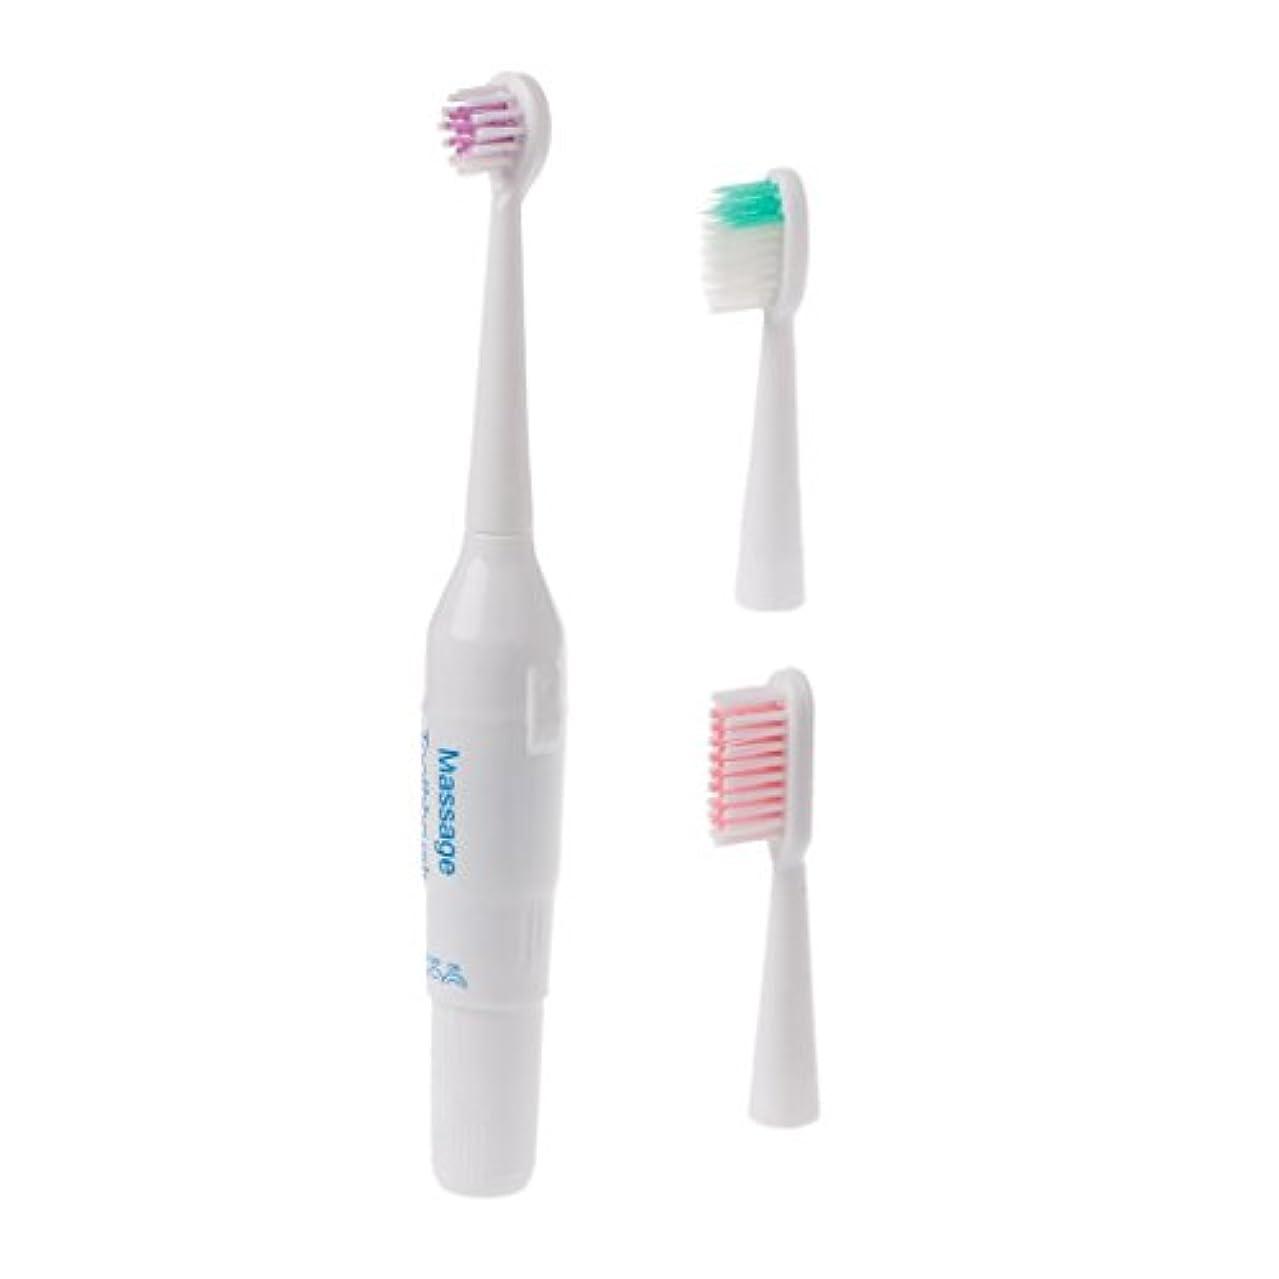 笑い集計ハイジャックManyao キッズプロフェッショナル口腔ケアクリーン電気歯ブラシパワーベビー用歯ブラシ